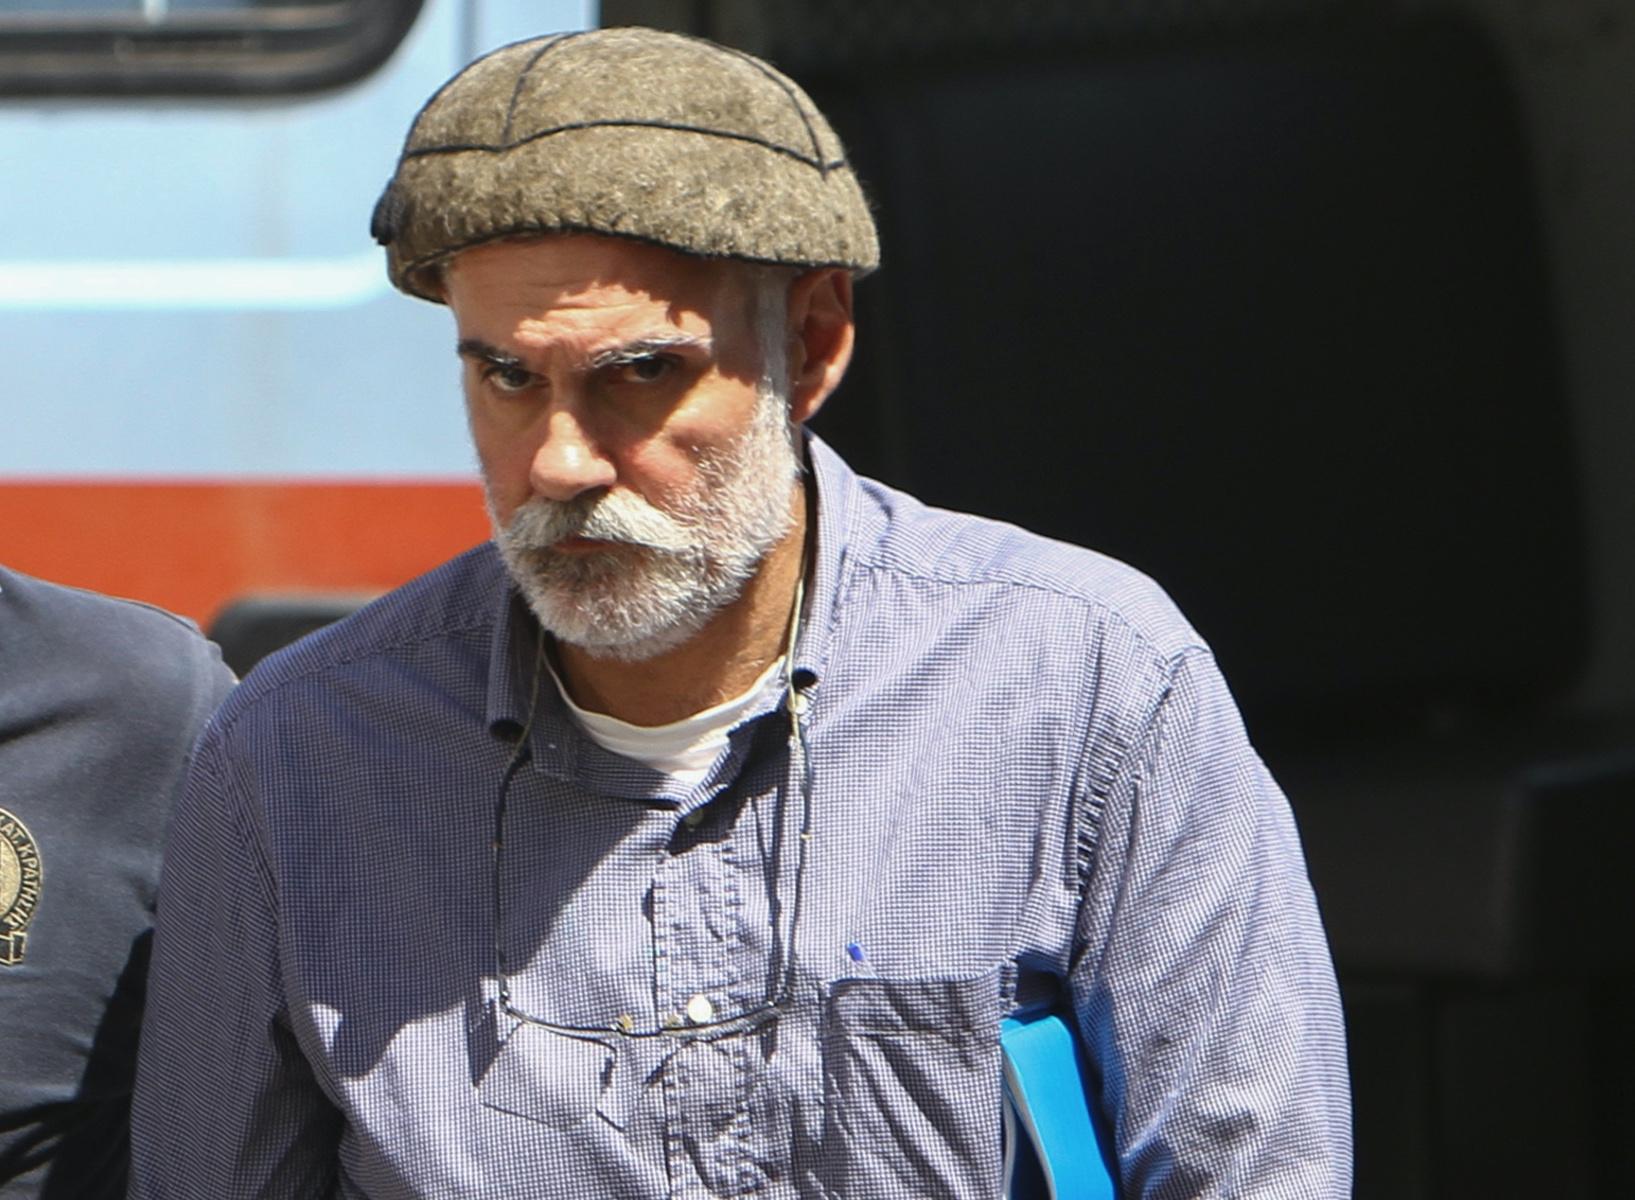 Κατά της αποφυλάκισης Κορκονέα για την δολοφονία Γρηγορόπουλου η εισαγγελία του Αρείου Πάγου - Ασκήθηκε αναίρεση!